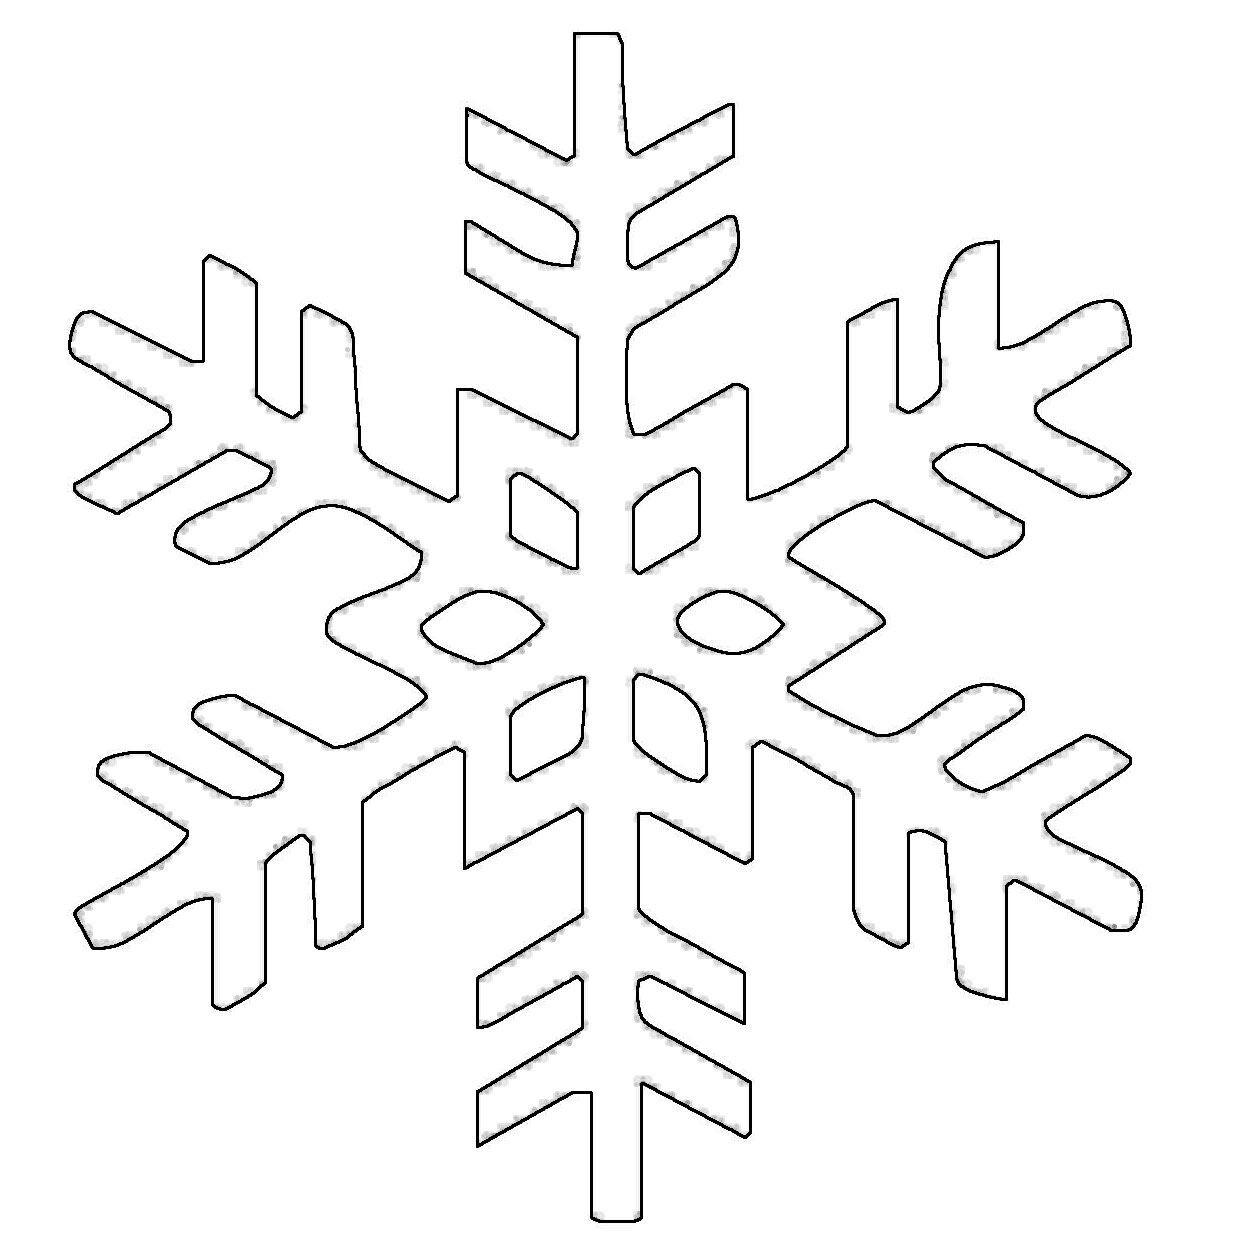 ausmalbild schneeflocken und sterne kostenlose malvorlage schneeflocke 8 kostenlos ausdrucken. Black Bedroom Furniture Sets. Home Design Ideas